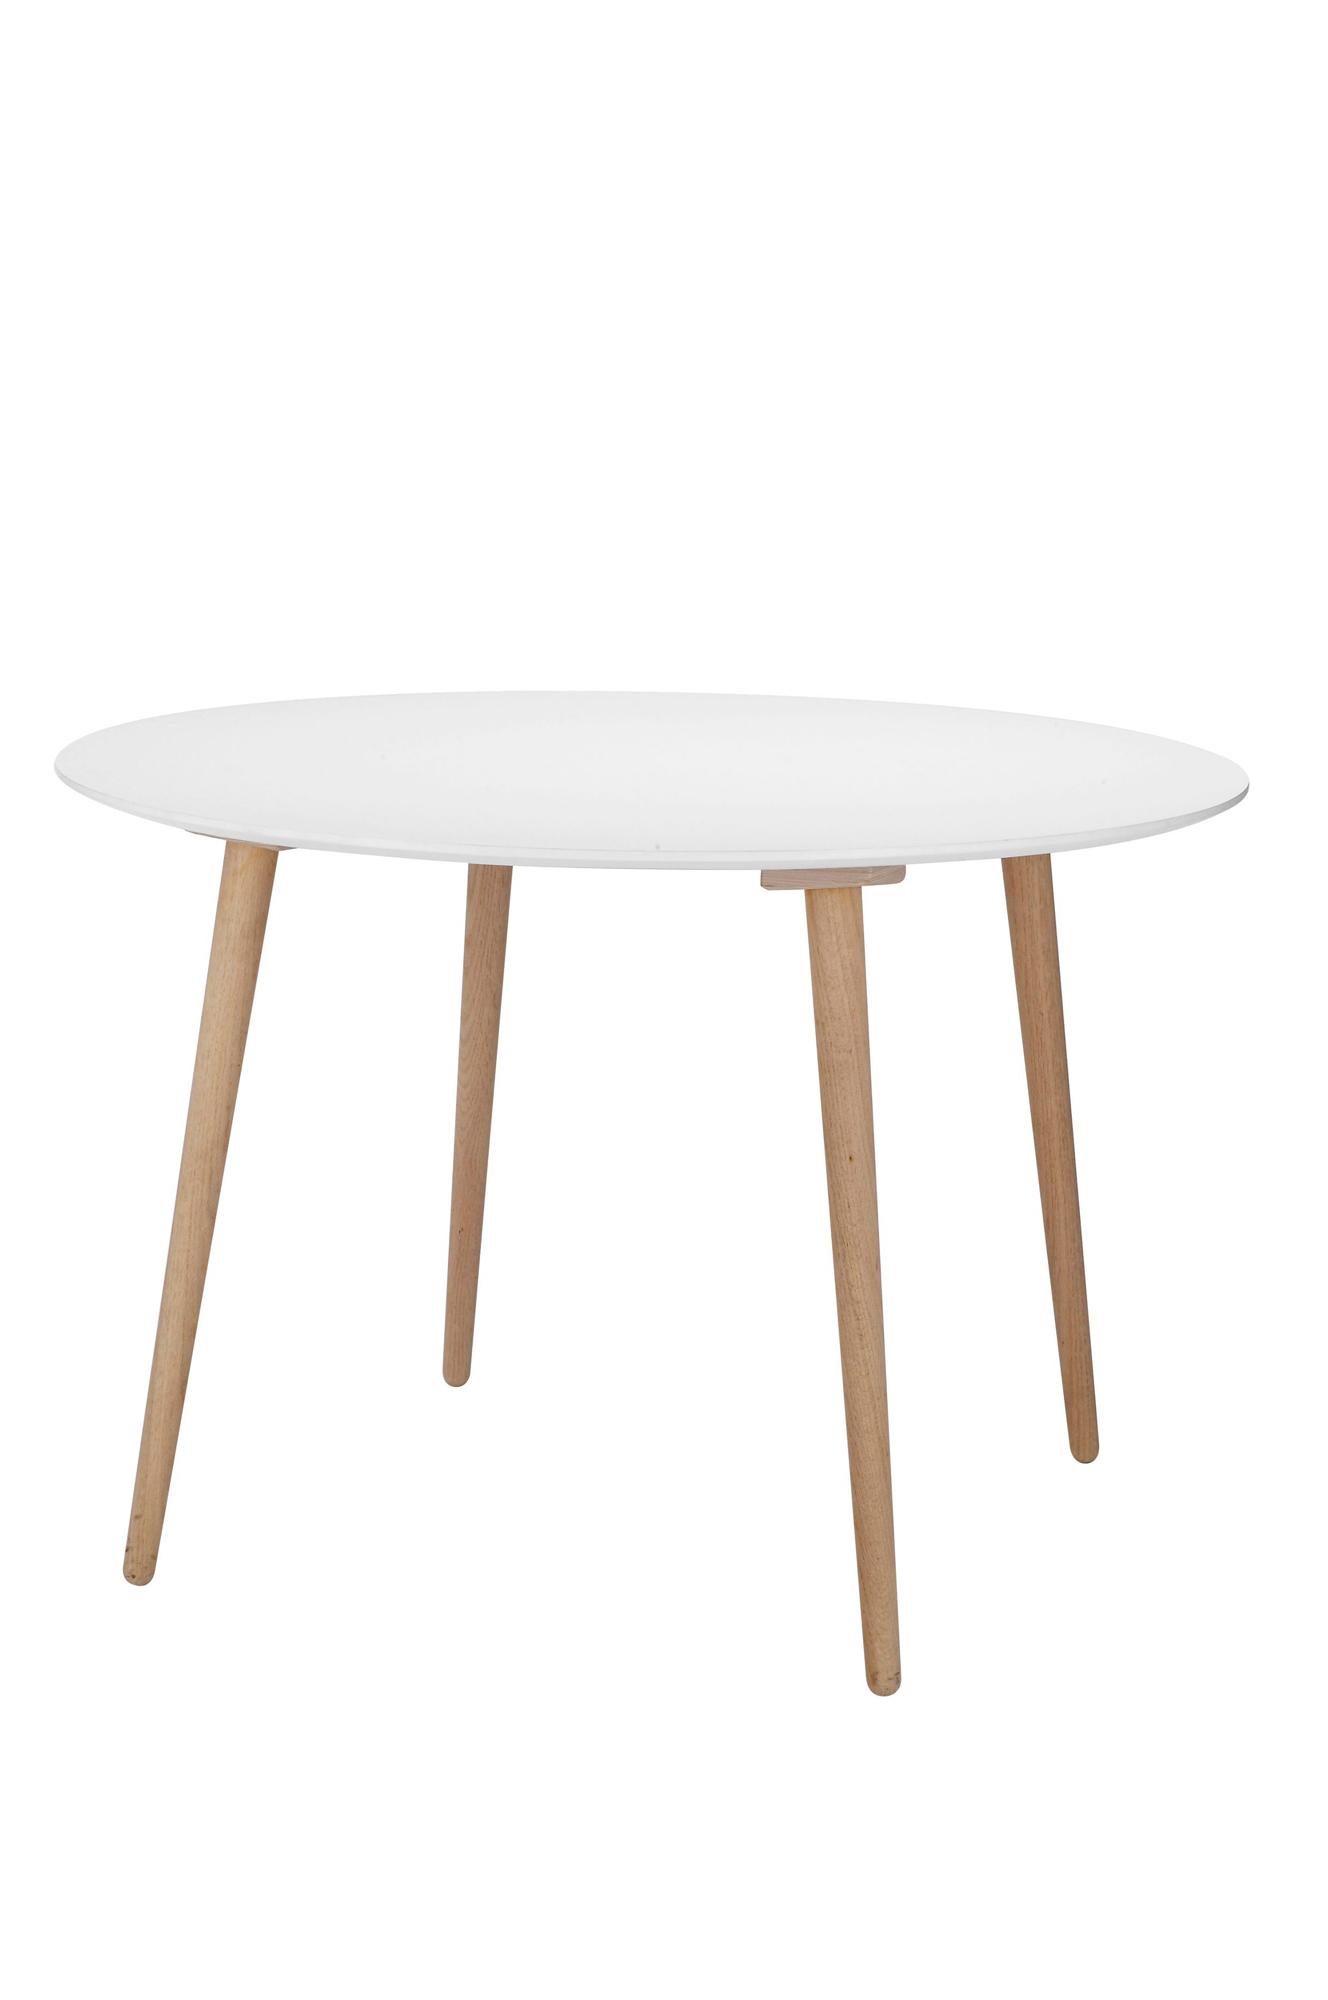 Ruokapöytä, ø 110 cm